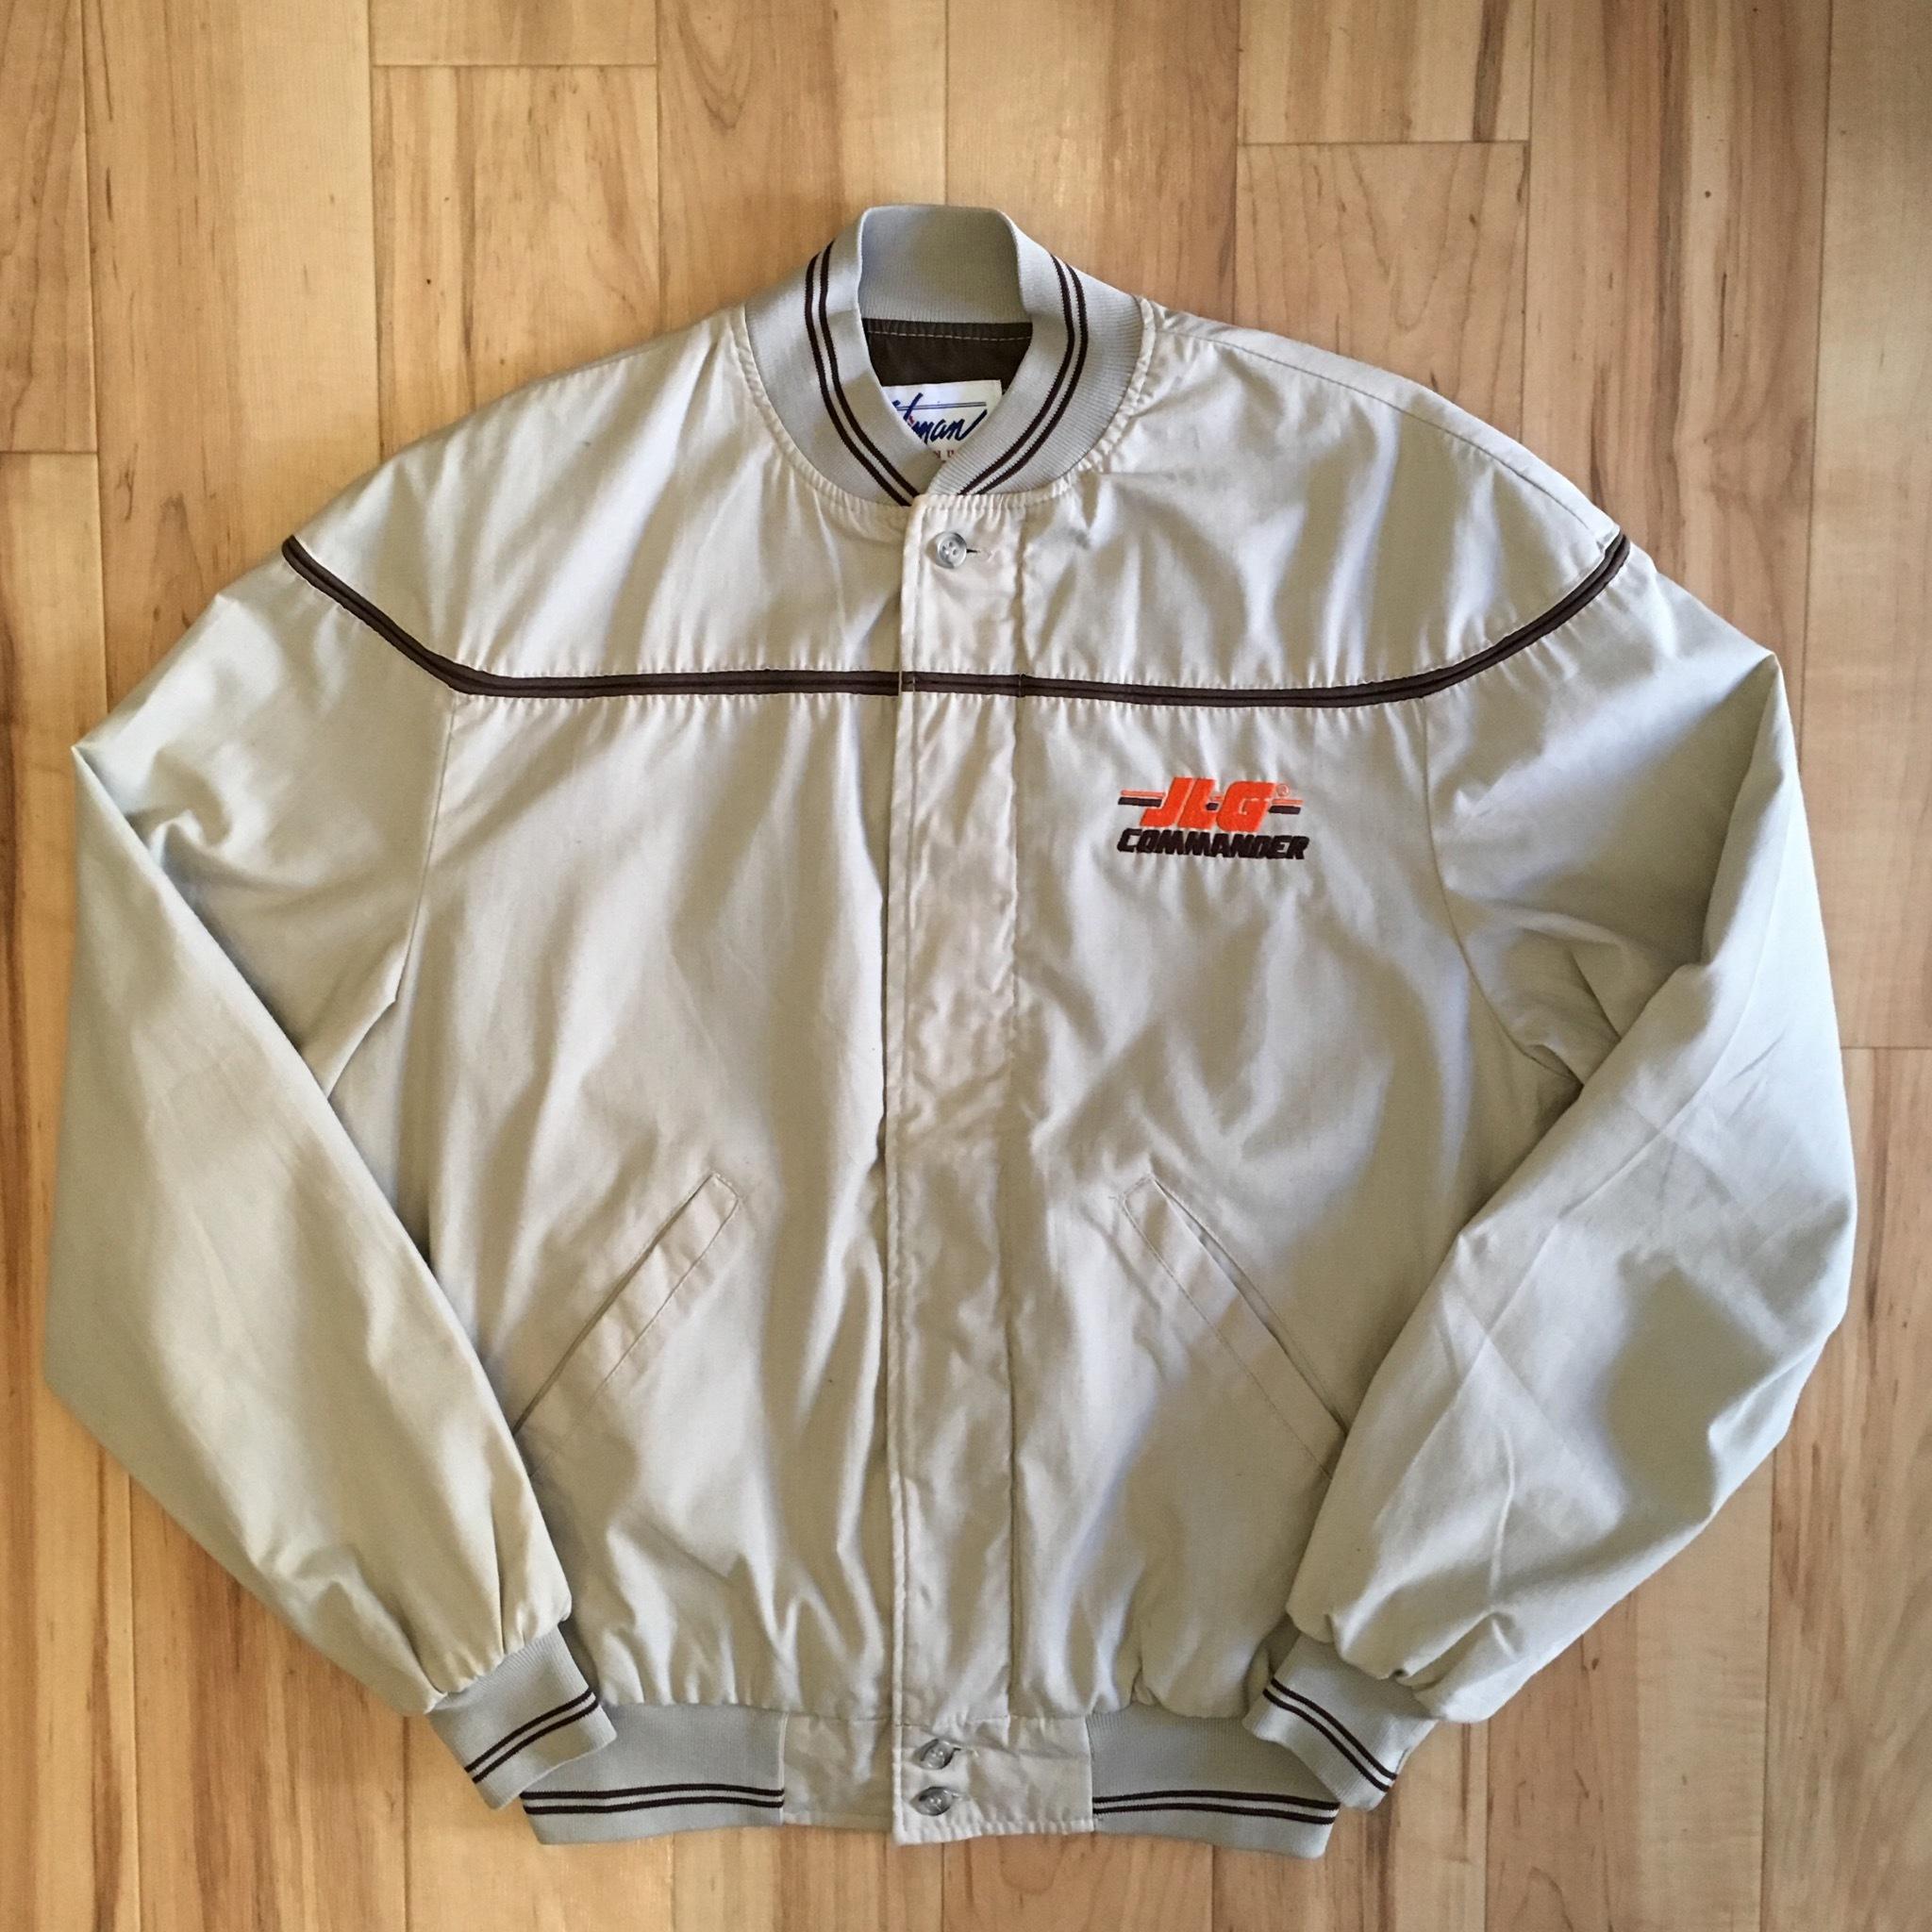 JLG Cup Shoulder Jacket